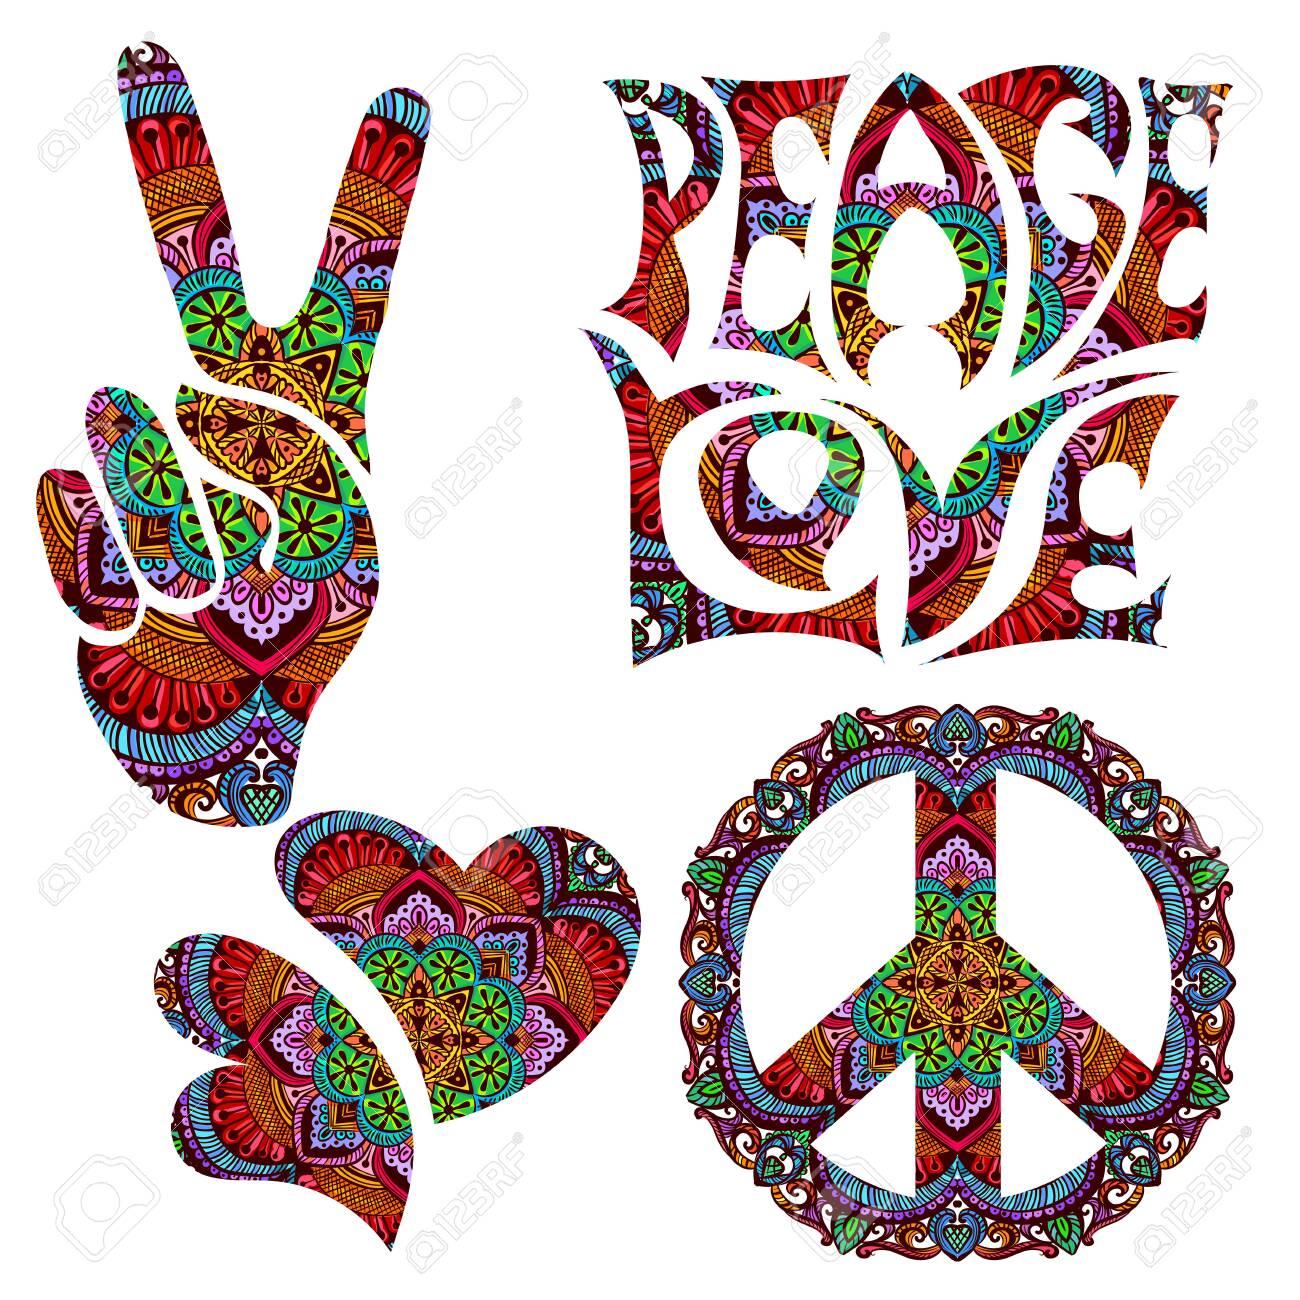 retro hippie symbol - 149454598